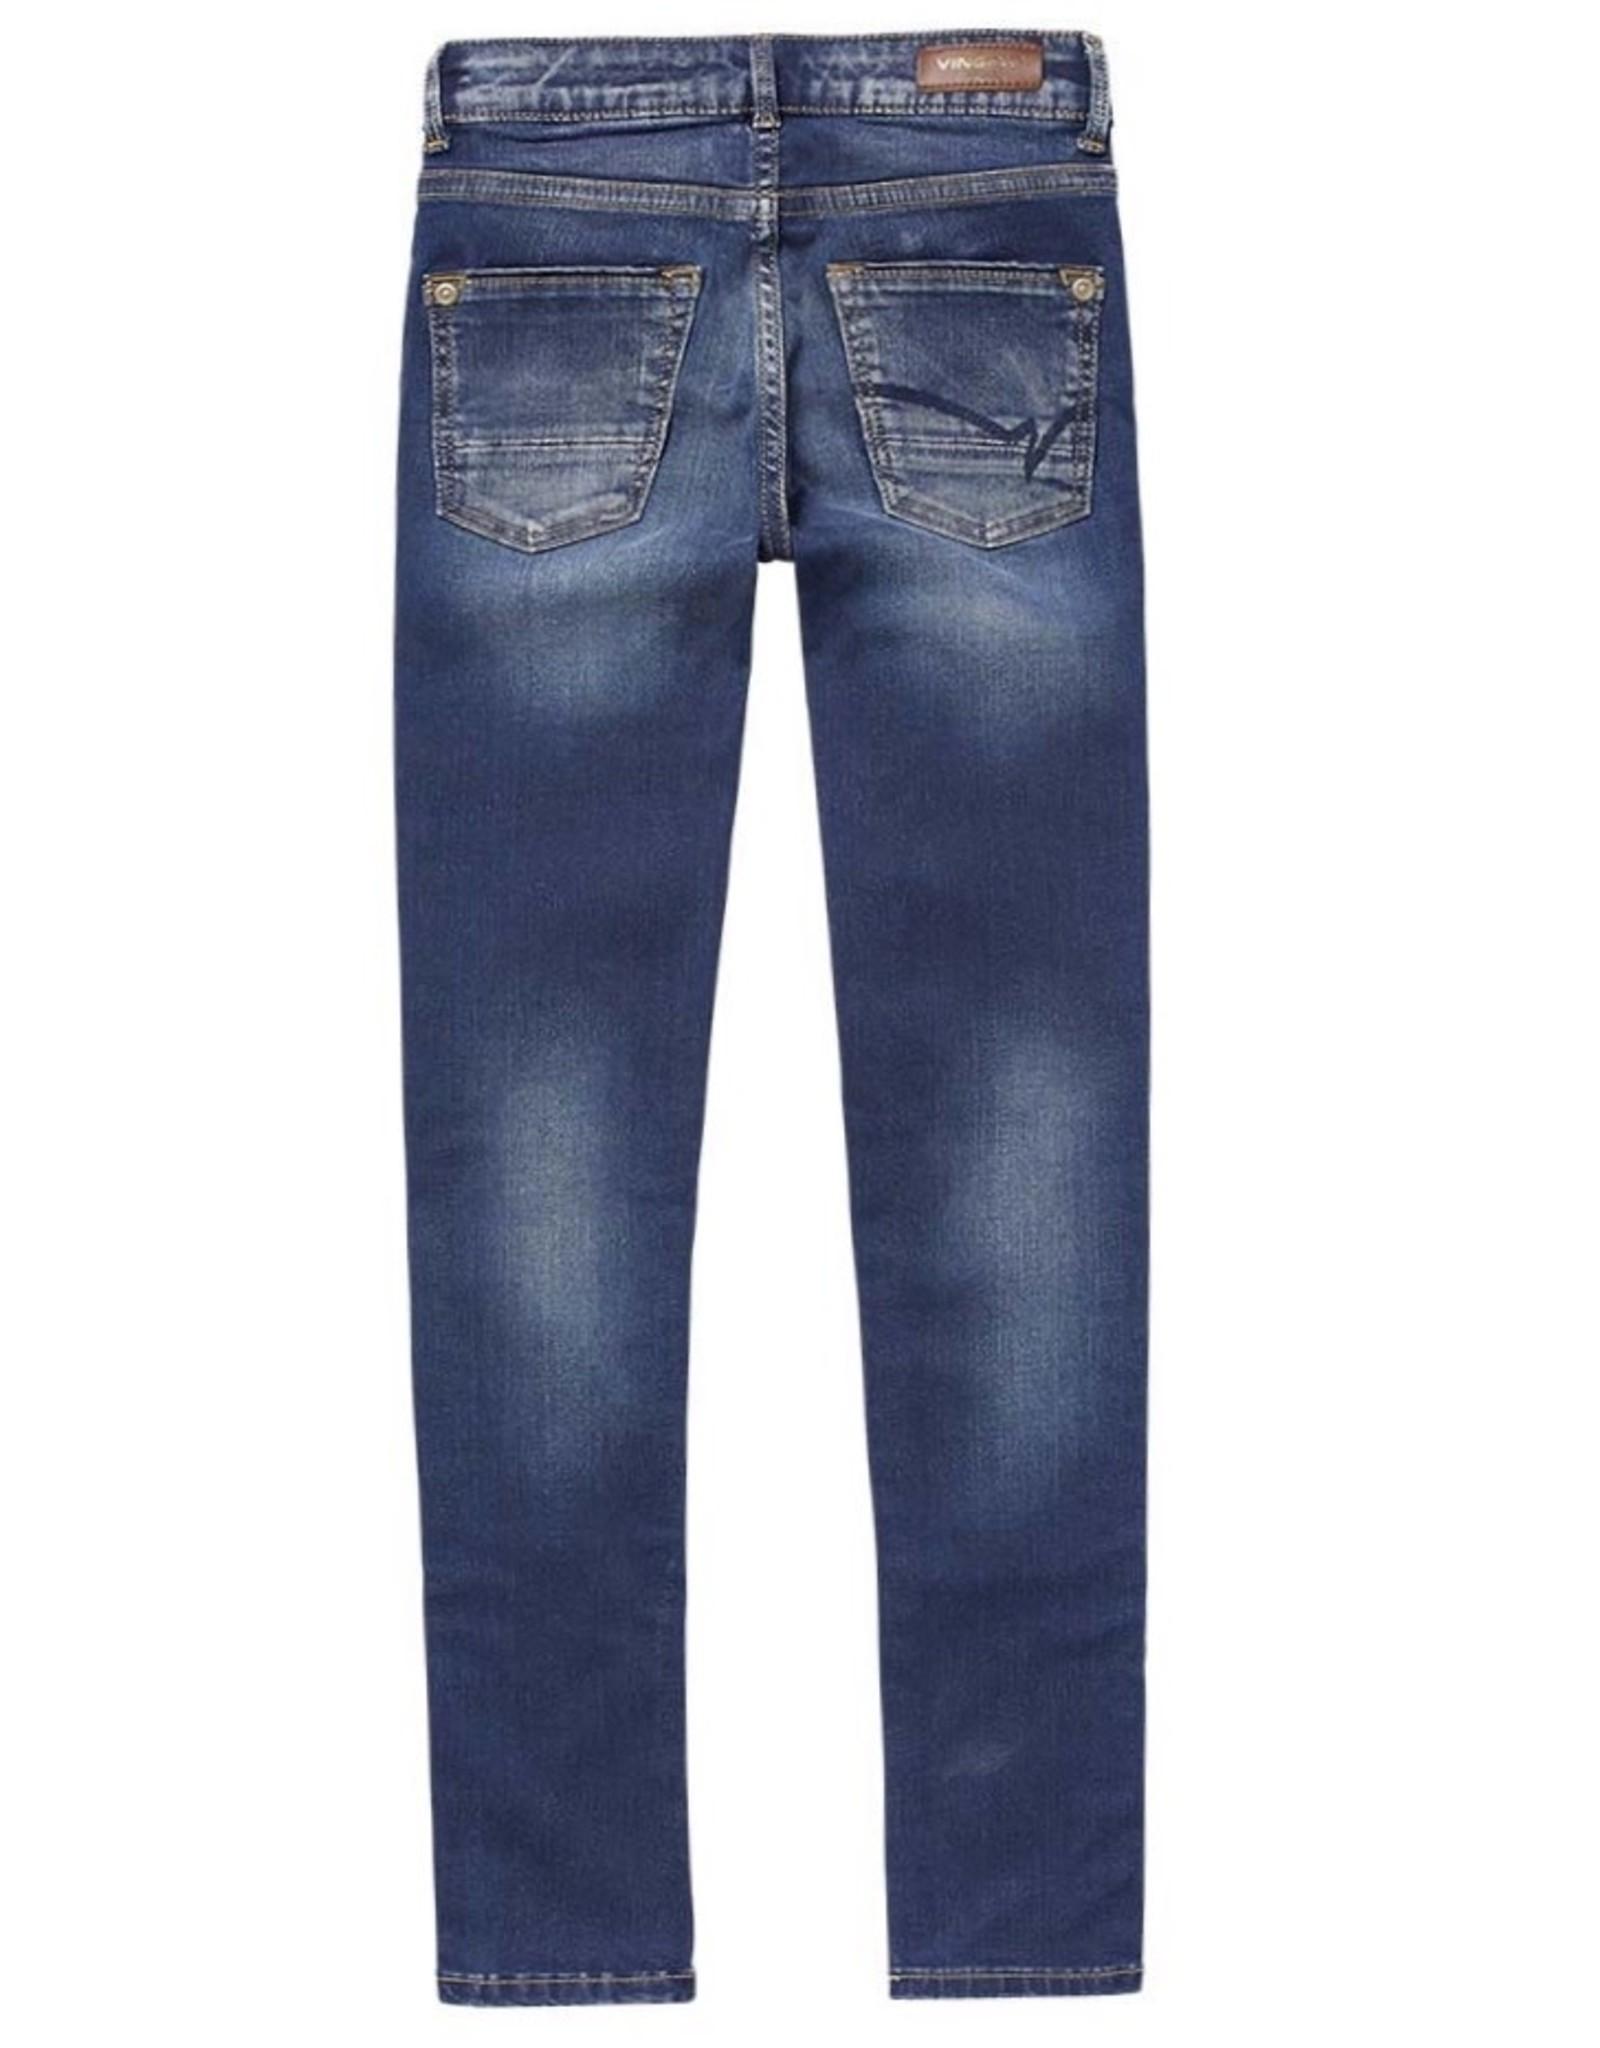 Vingino Bettine Jeans